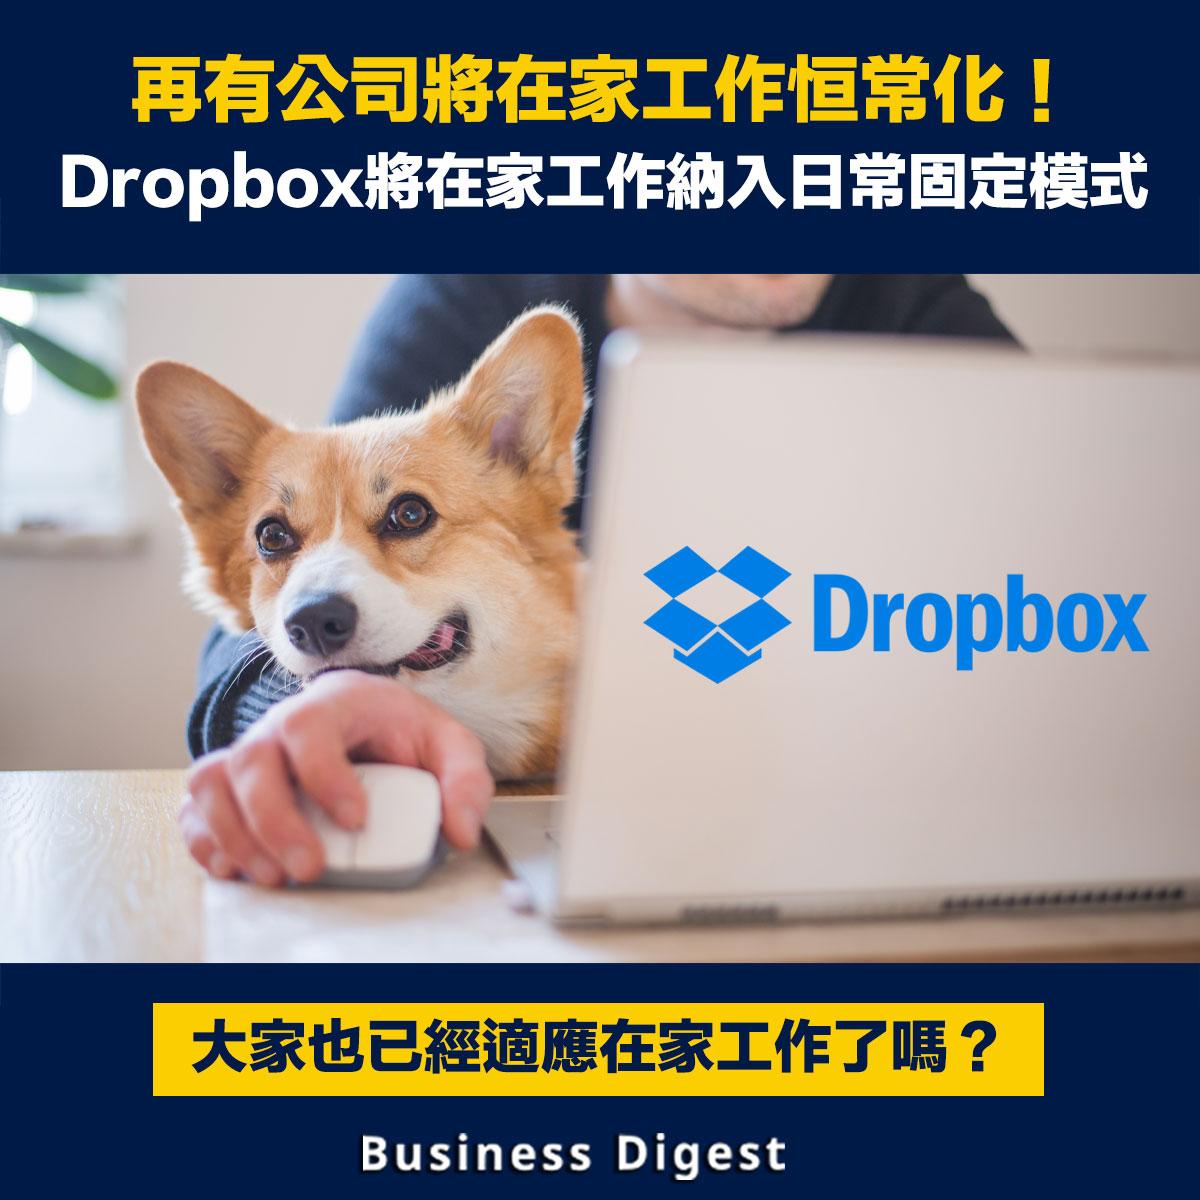 Dropbox將在家工作納入日常固定模式